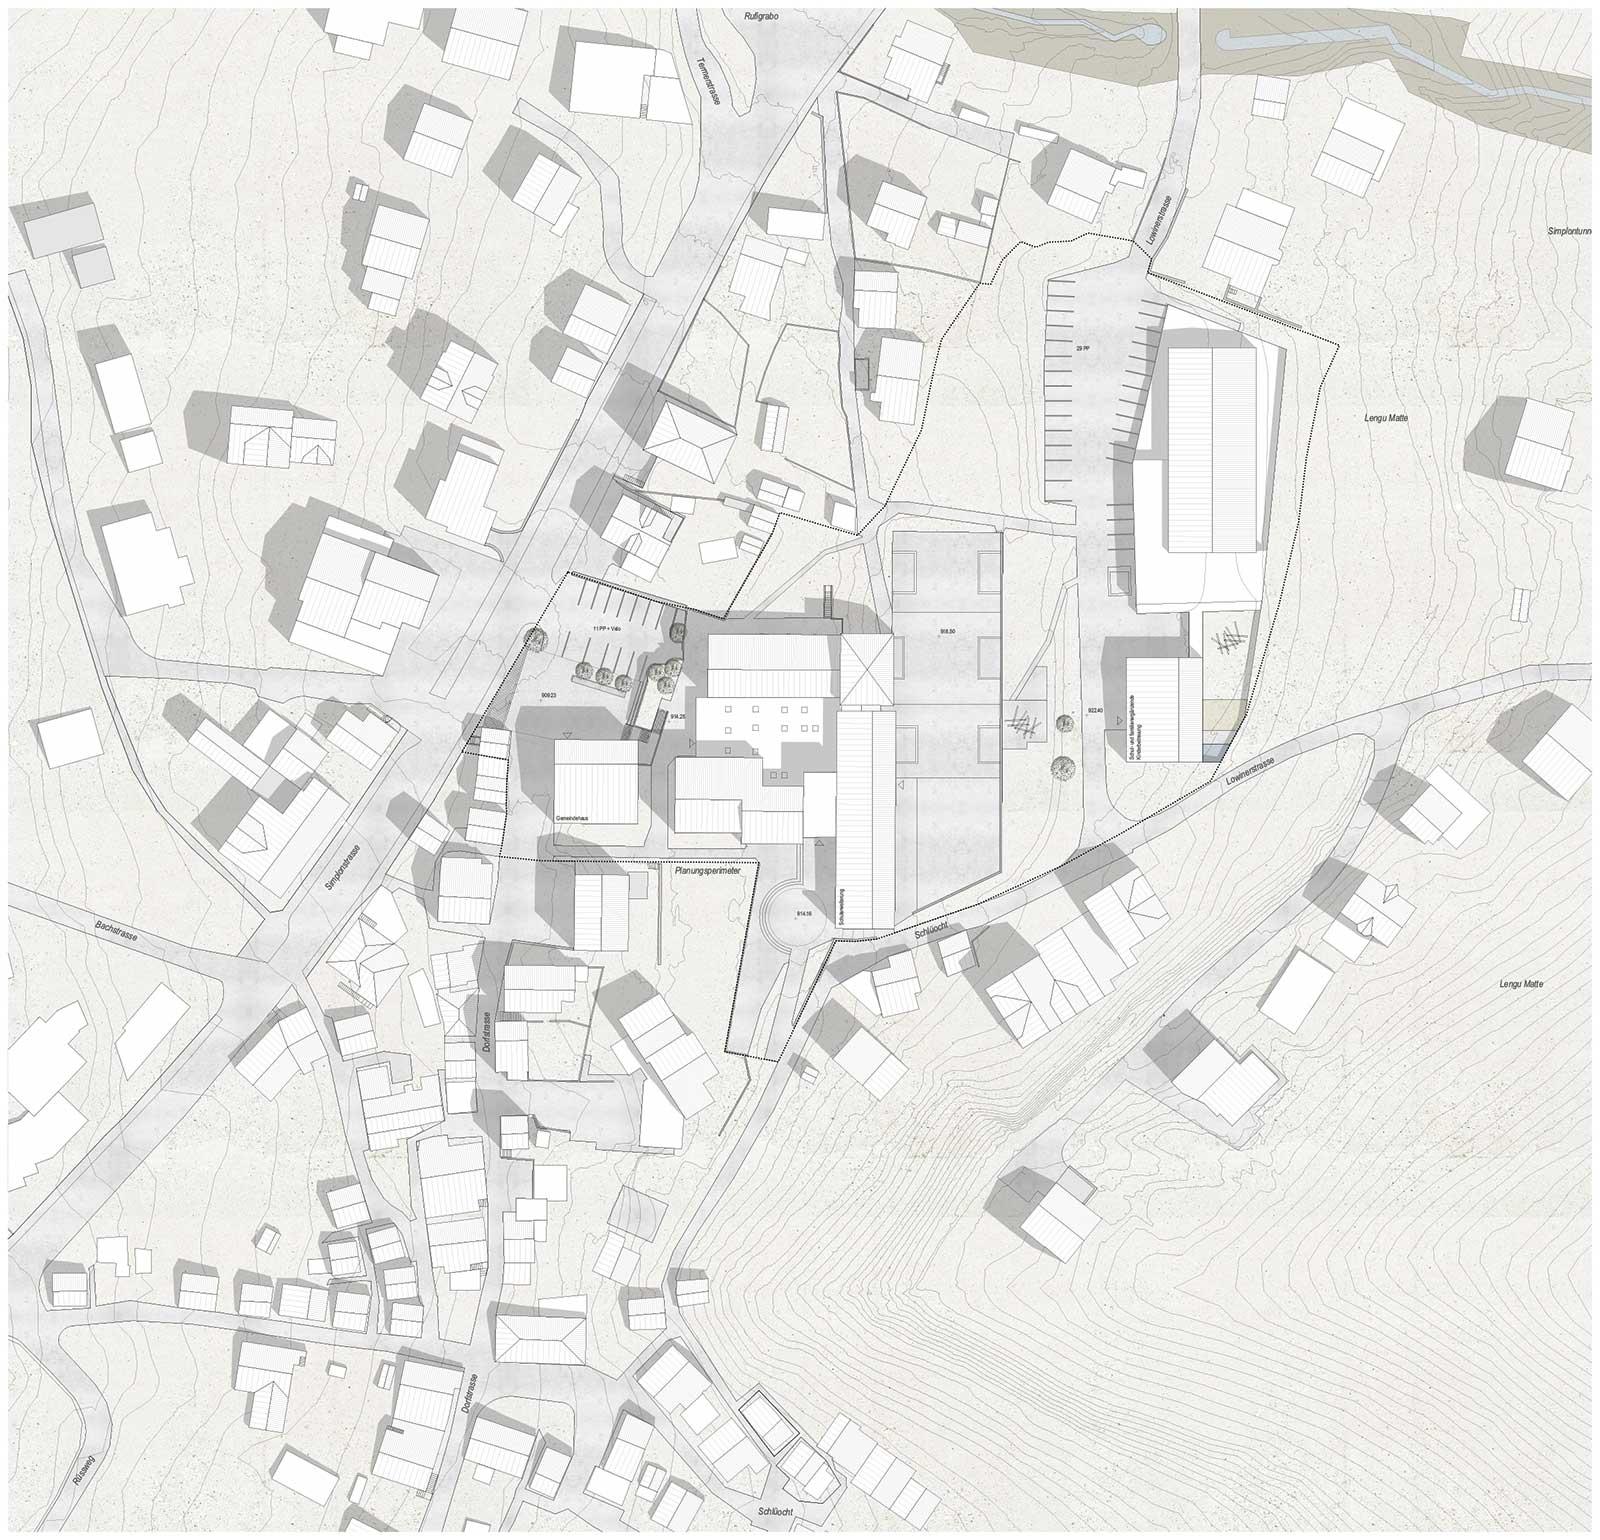 Situationsplan Offener einstufiger Projektwettbewerb Gemeindezentrum und Schulhauserweiterung Ried -Brig